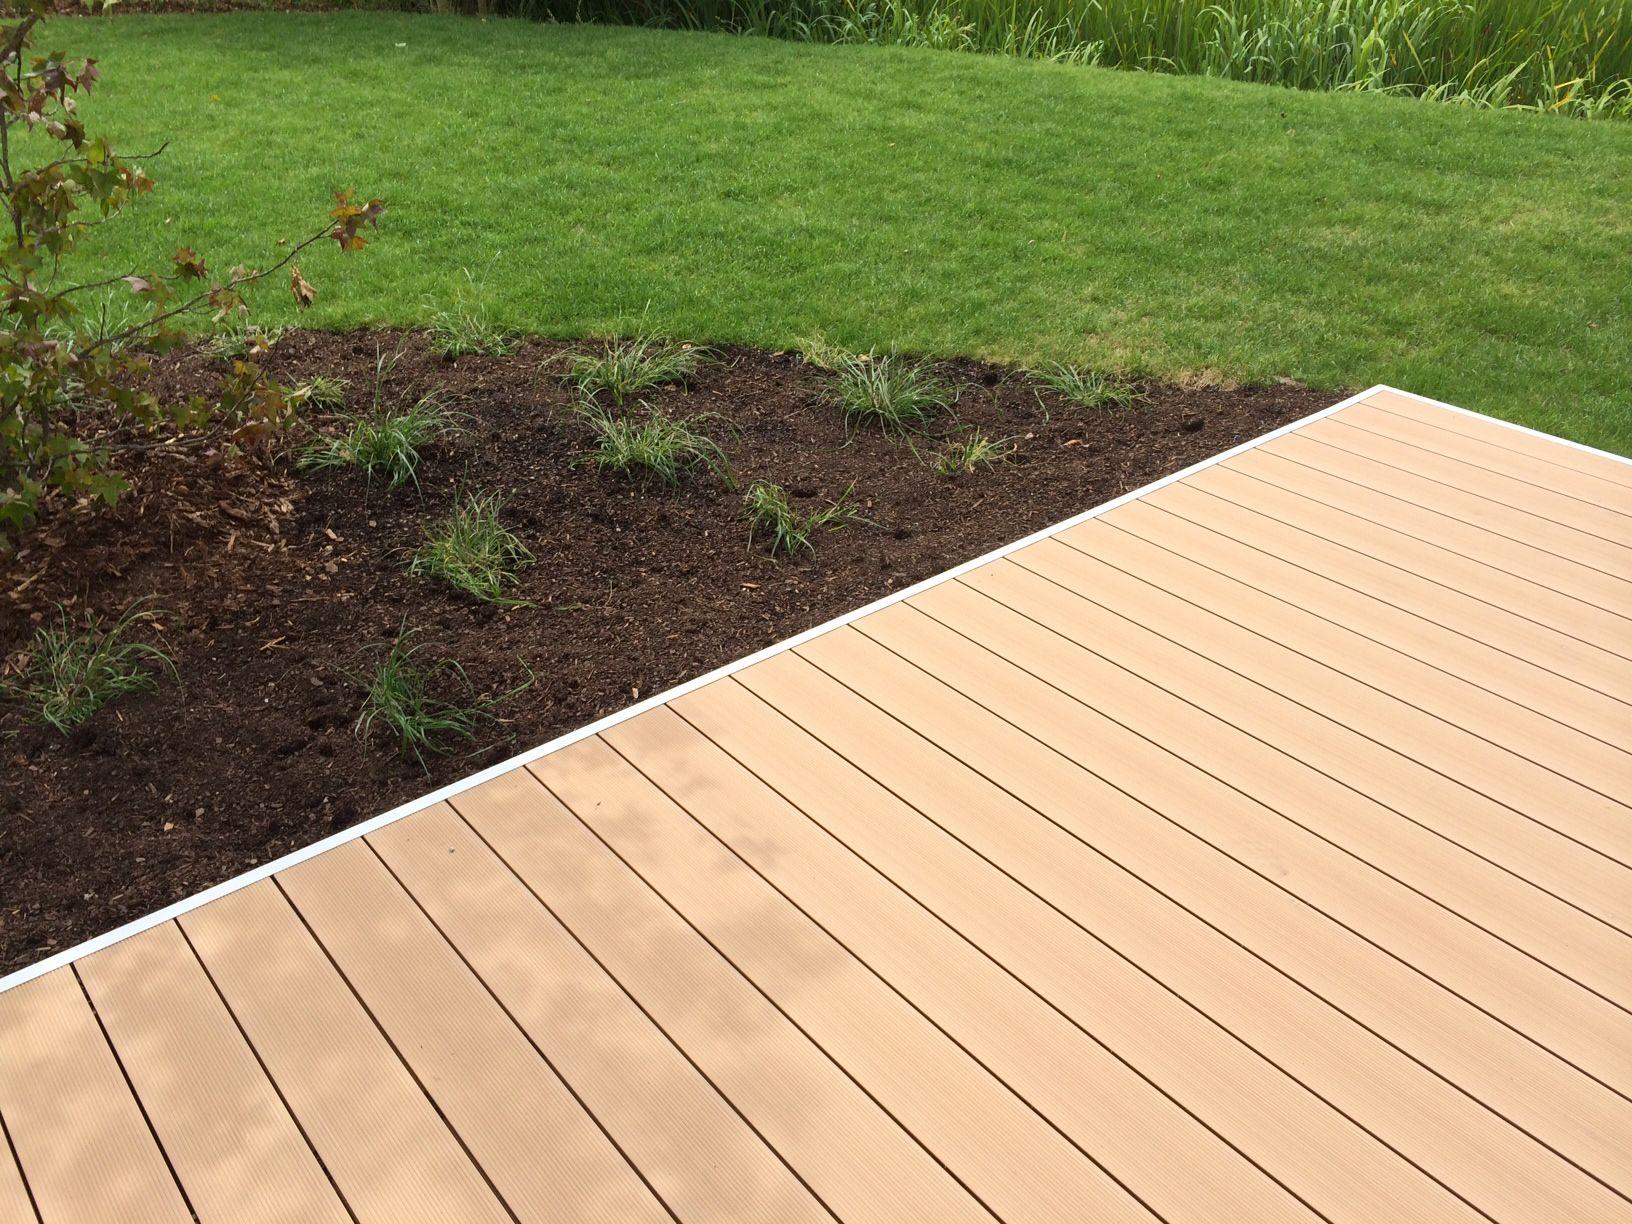 rasen begradigen wie man eine ebene flche erhlt - Terrasse Im Garten Herausvorderungen